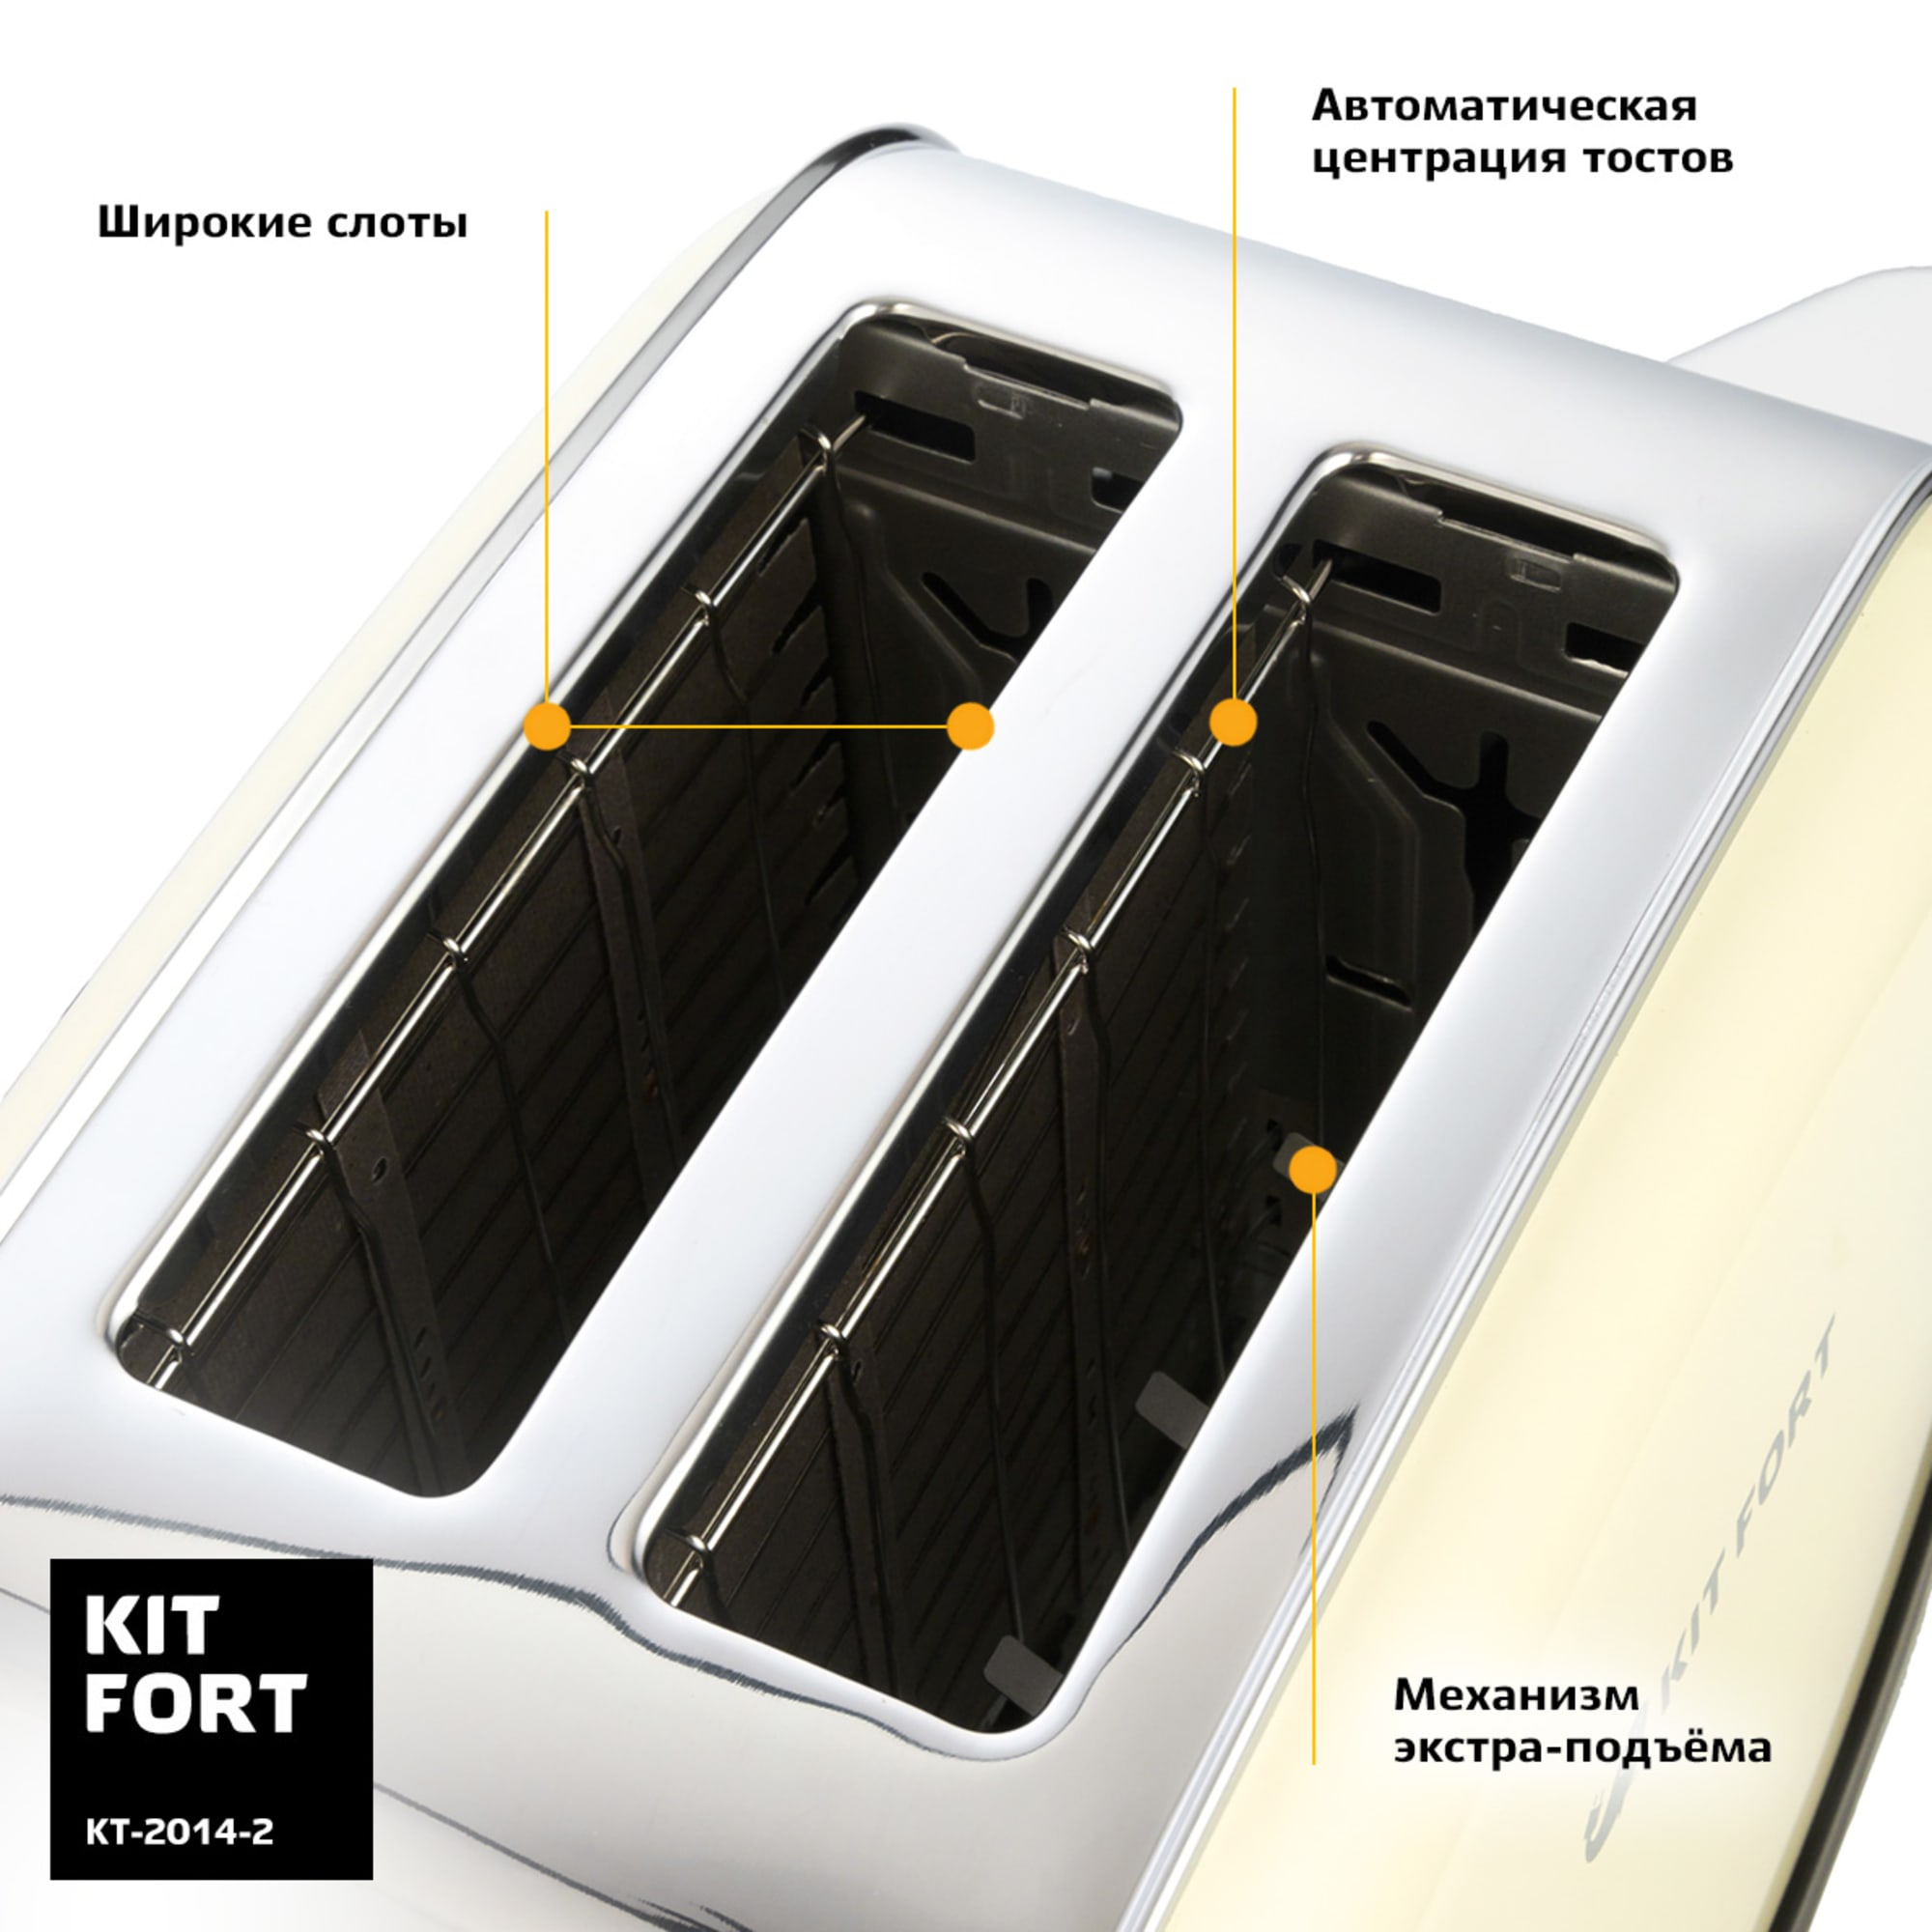 Kitfort KT-2014-2 Beige